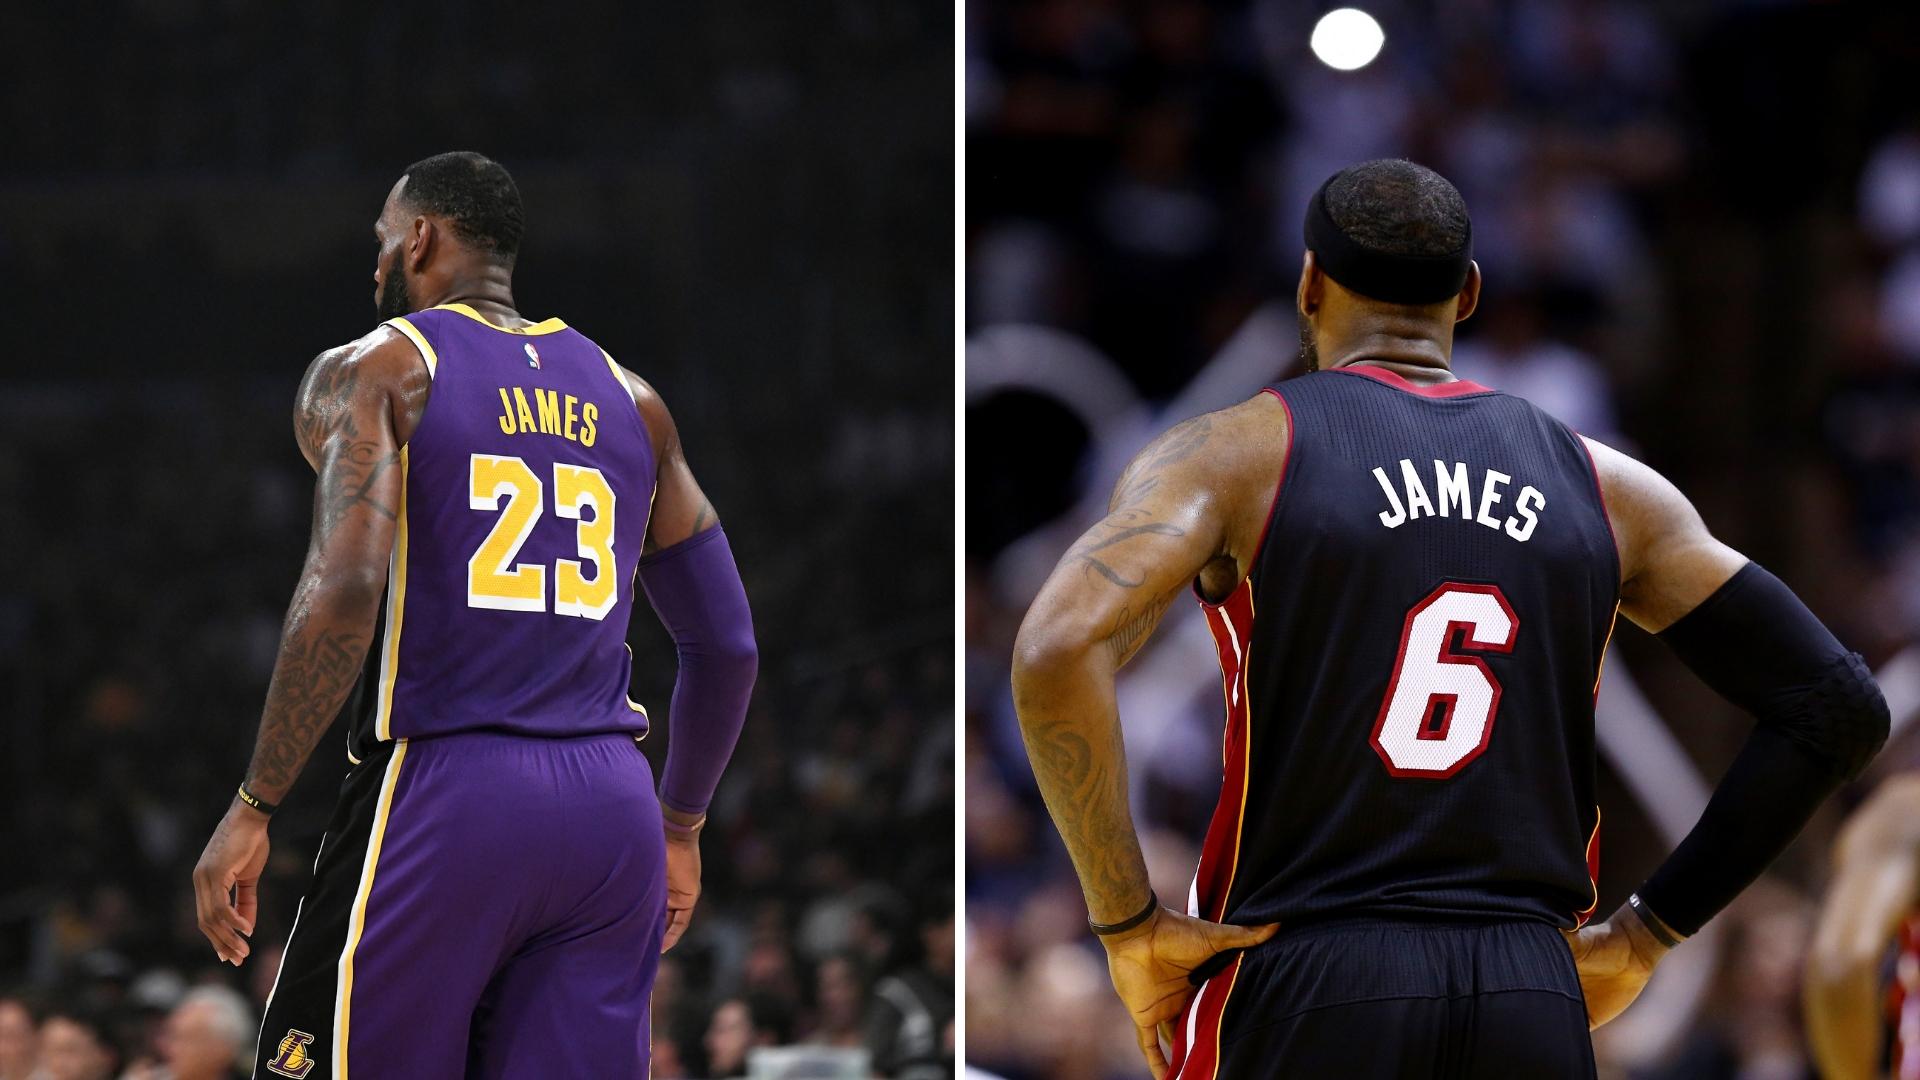 LeBron James cambiará su número 23 por